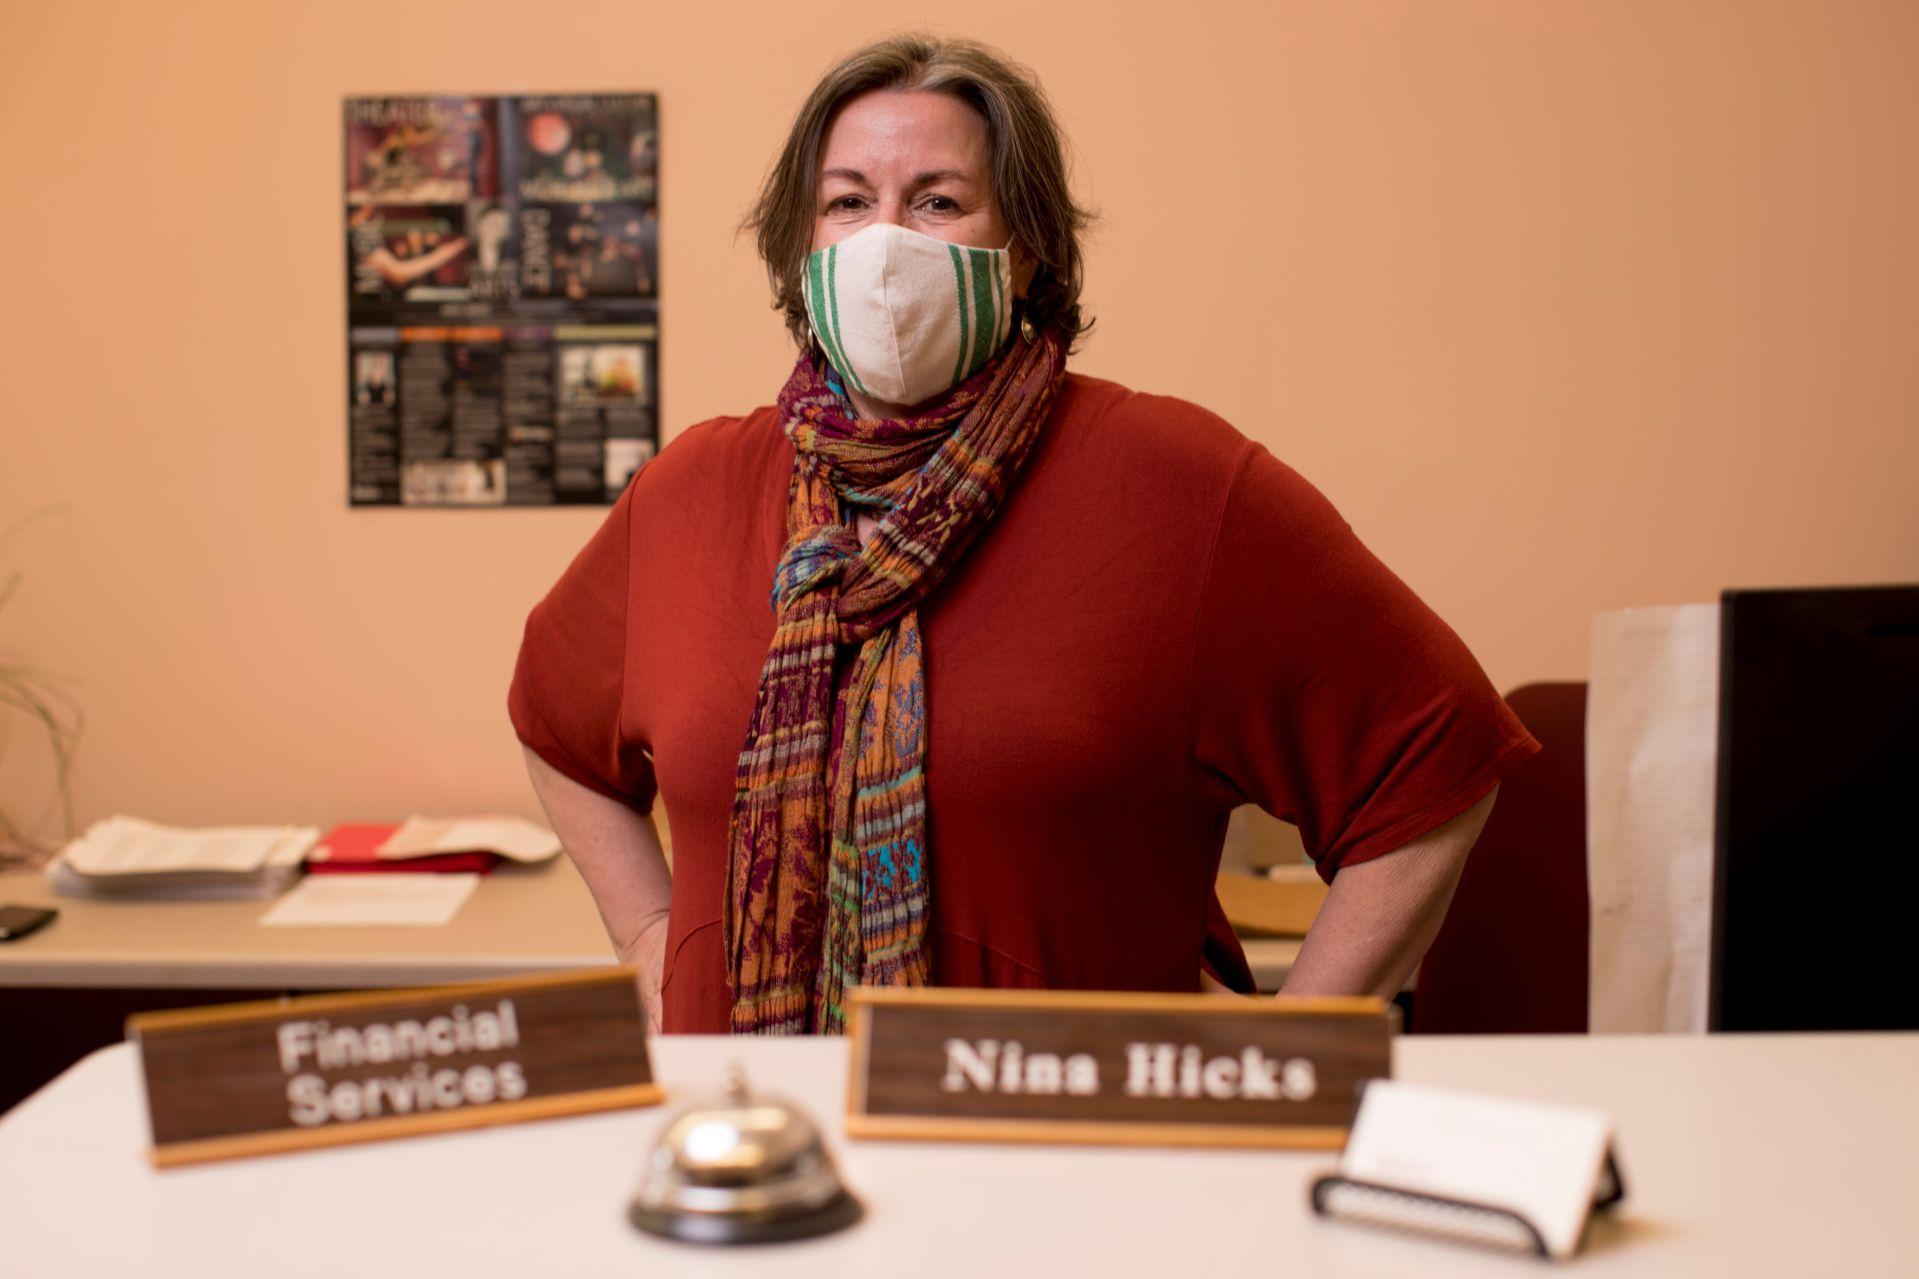 Nina Hicks in Libby Forum